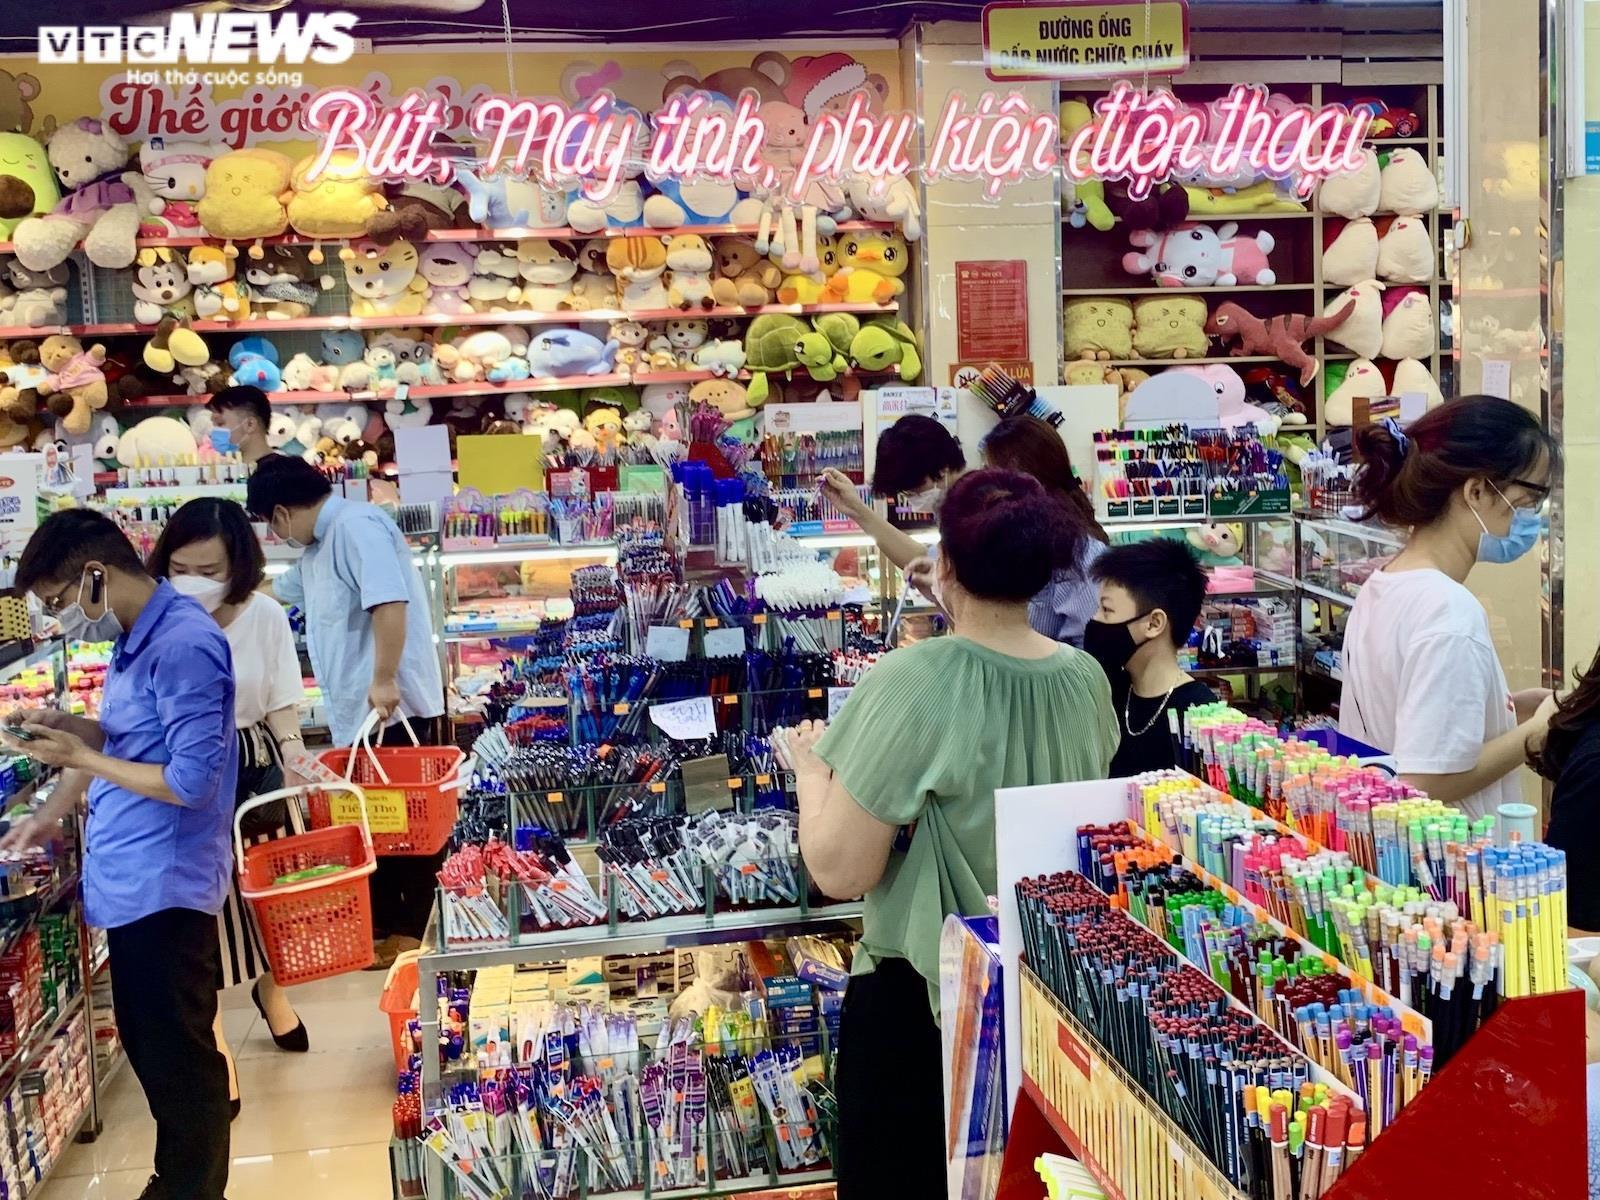 Hiệu sách ở  Hà Nội mở cửa, chật cứng phụ huynh mua đồ dùng học tập cho con - 2